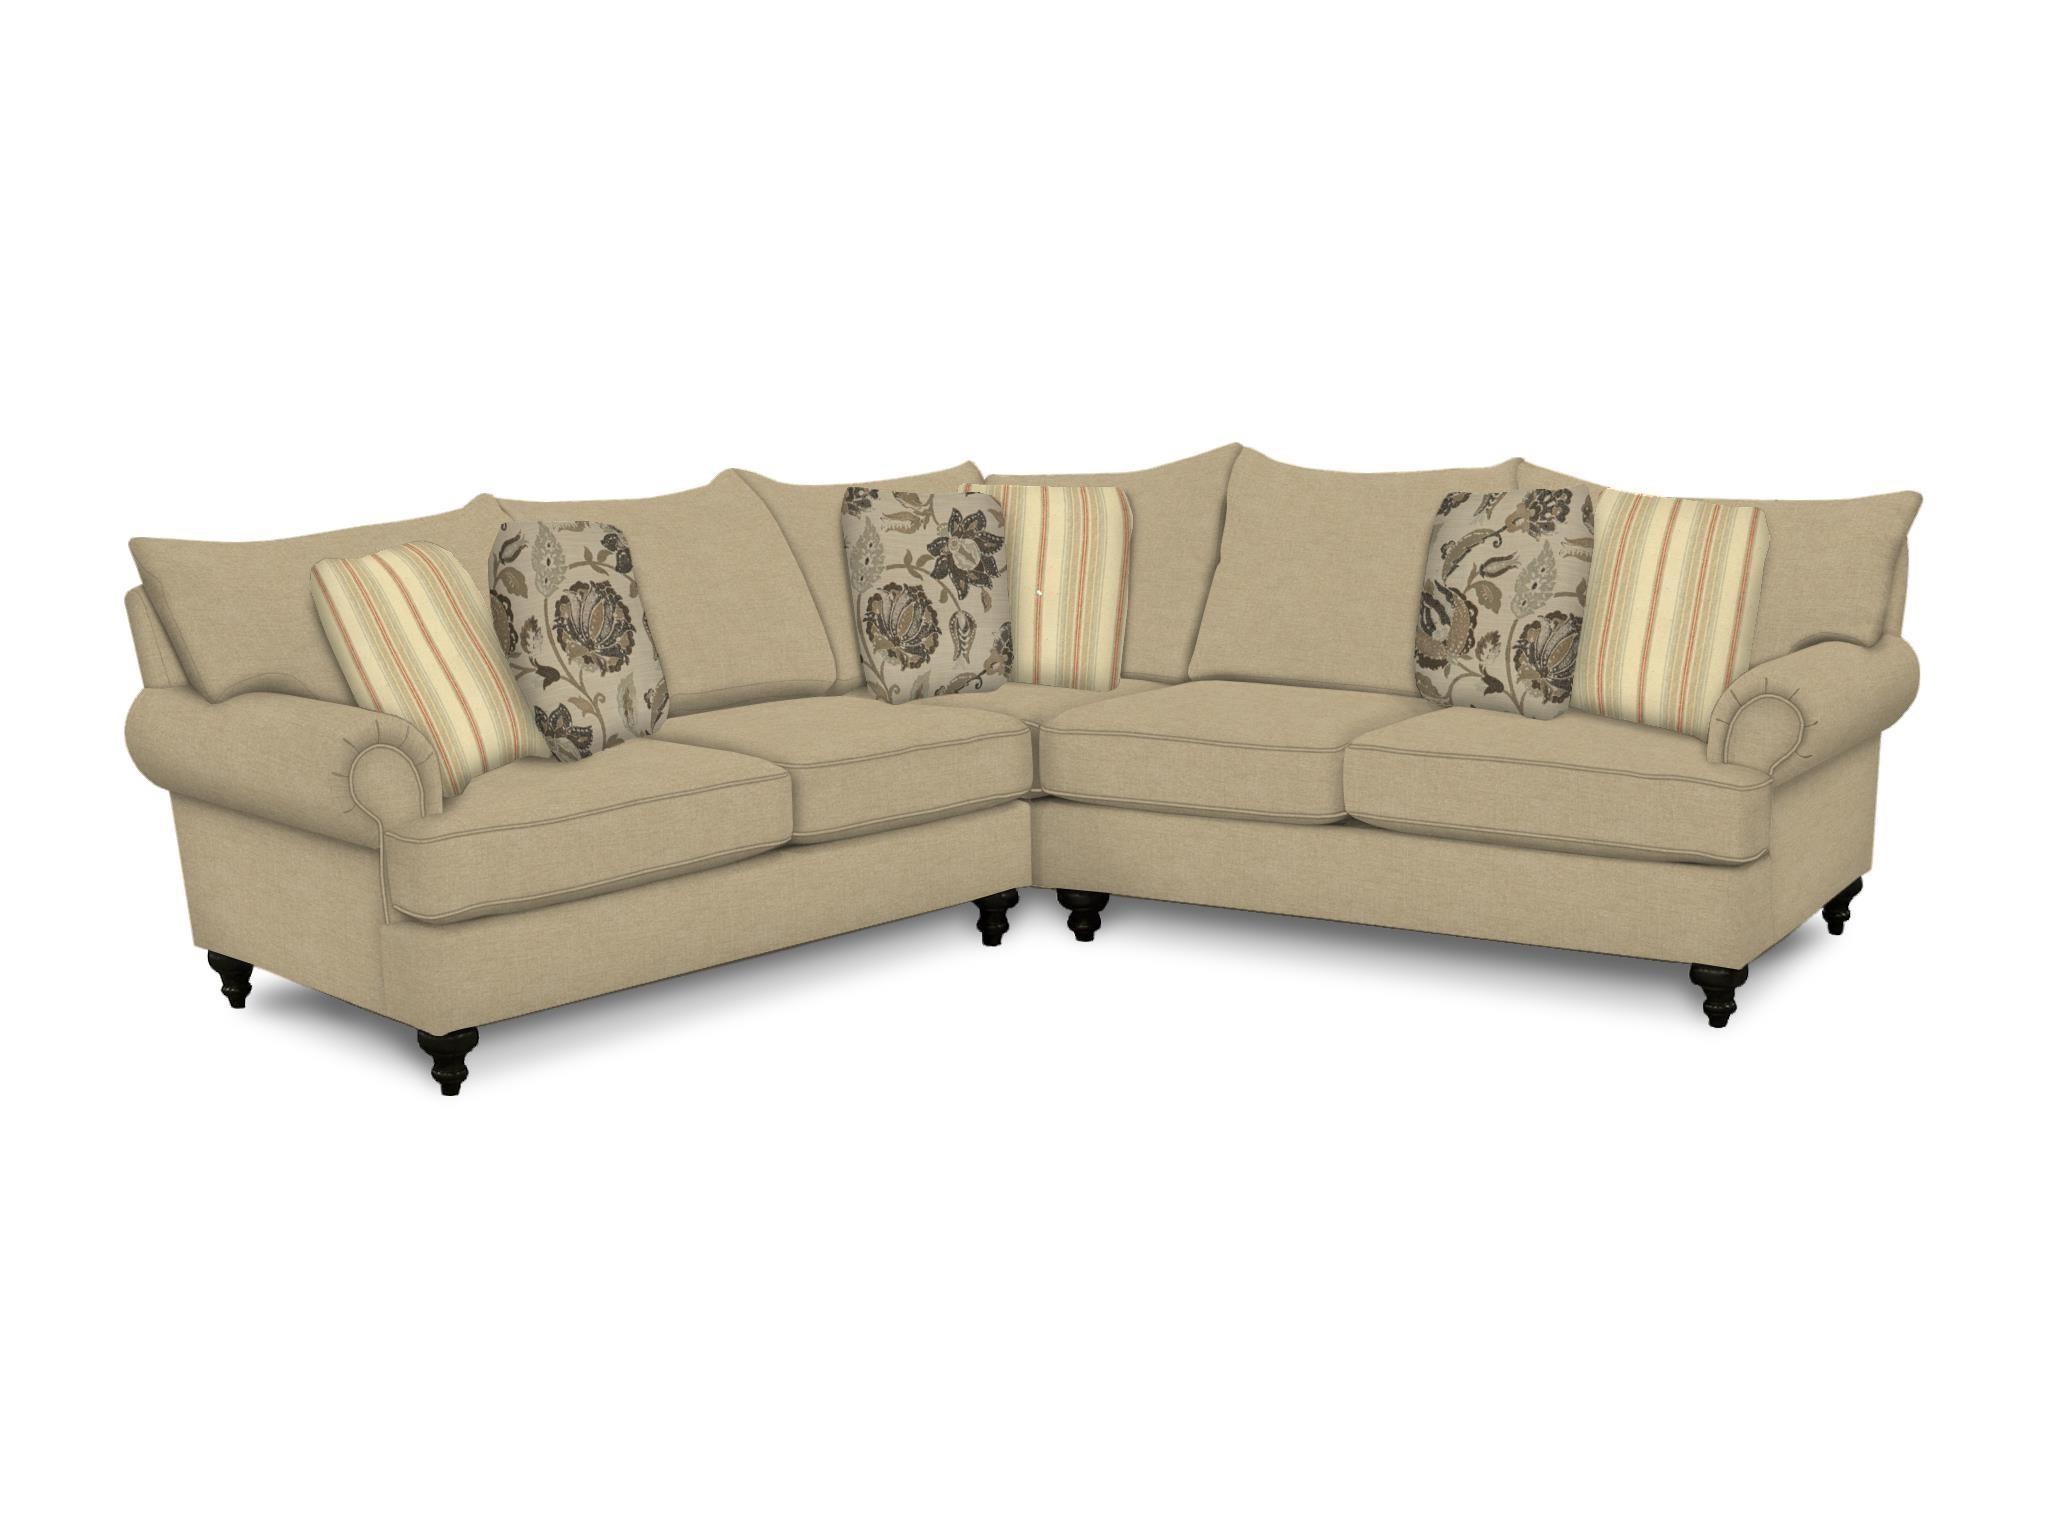 England Rosalie Laf Loveseat & Raf Corner Sofa Reeds Furniture